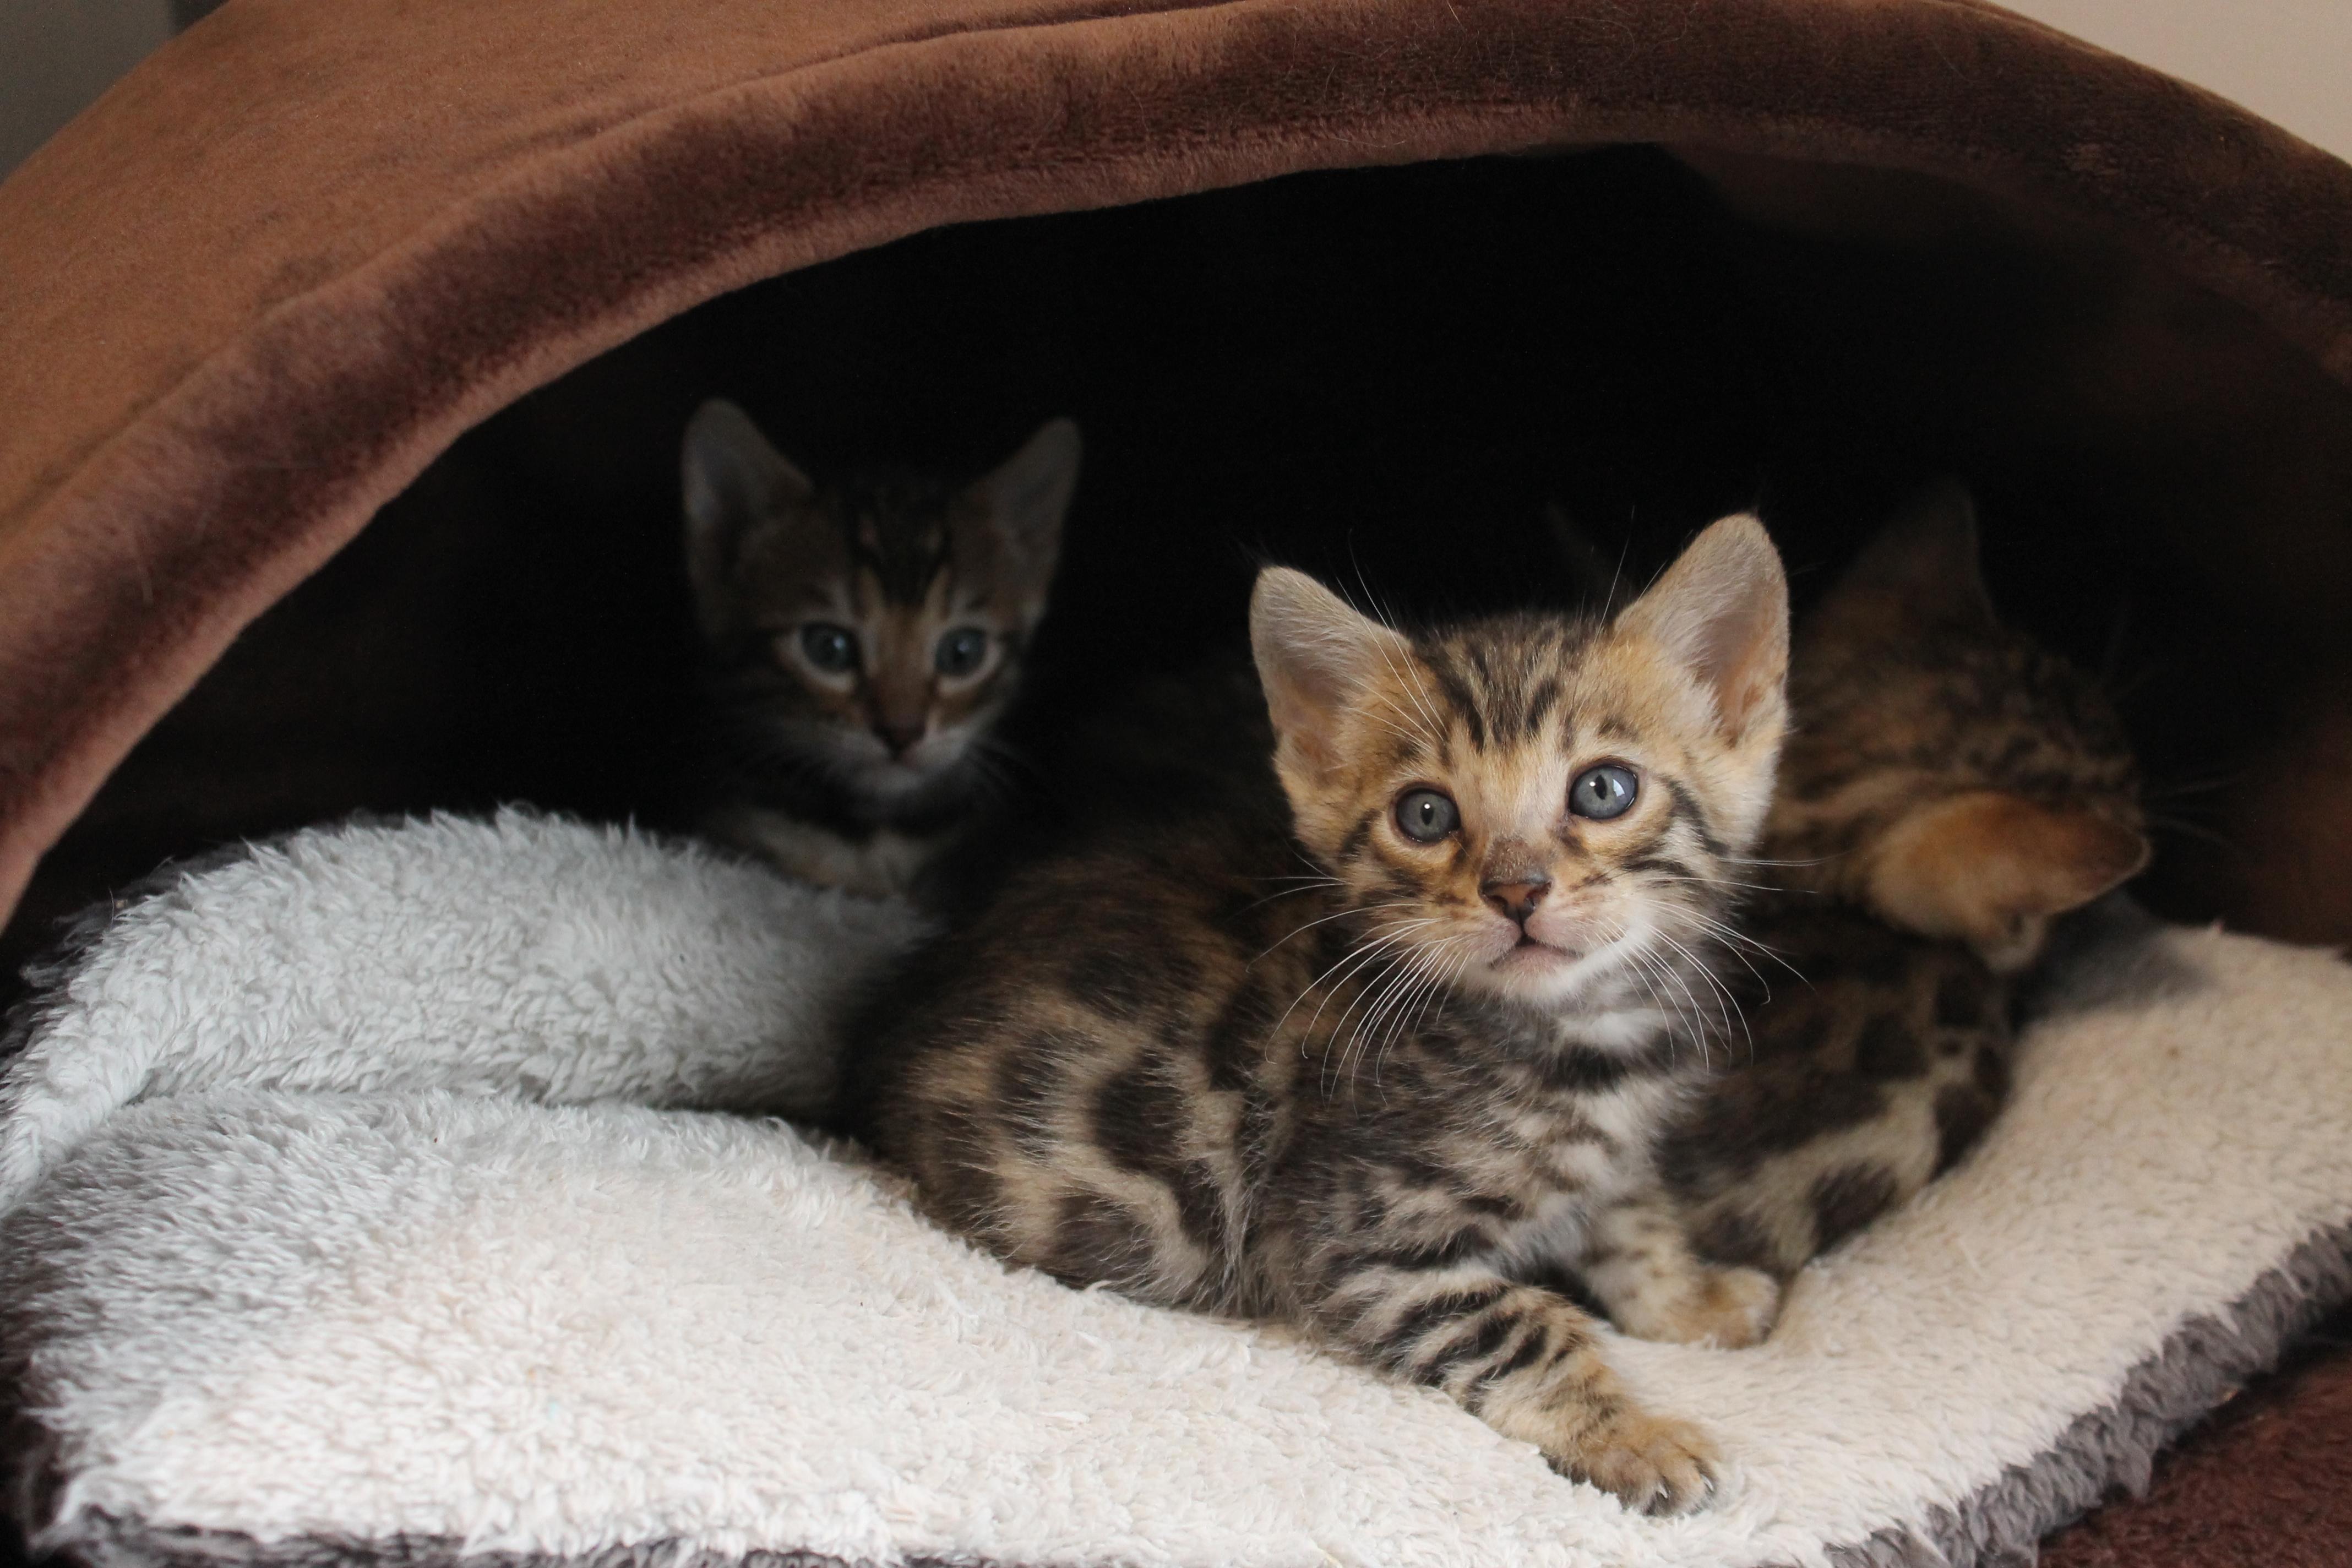 夜の猫ちゃん達♬ | ベンガル猫、ベンガル子猫、ベンガル猫ブリーダー|ベルアンジュ